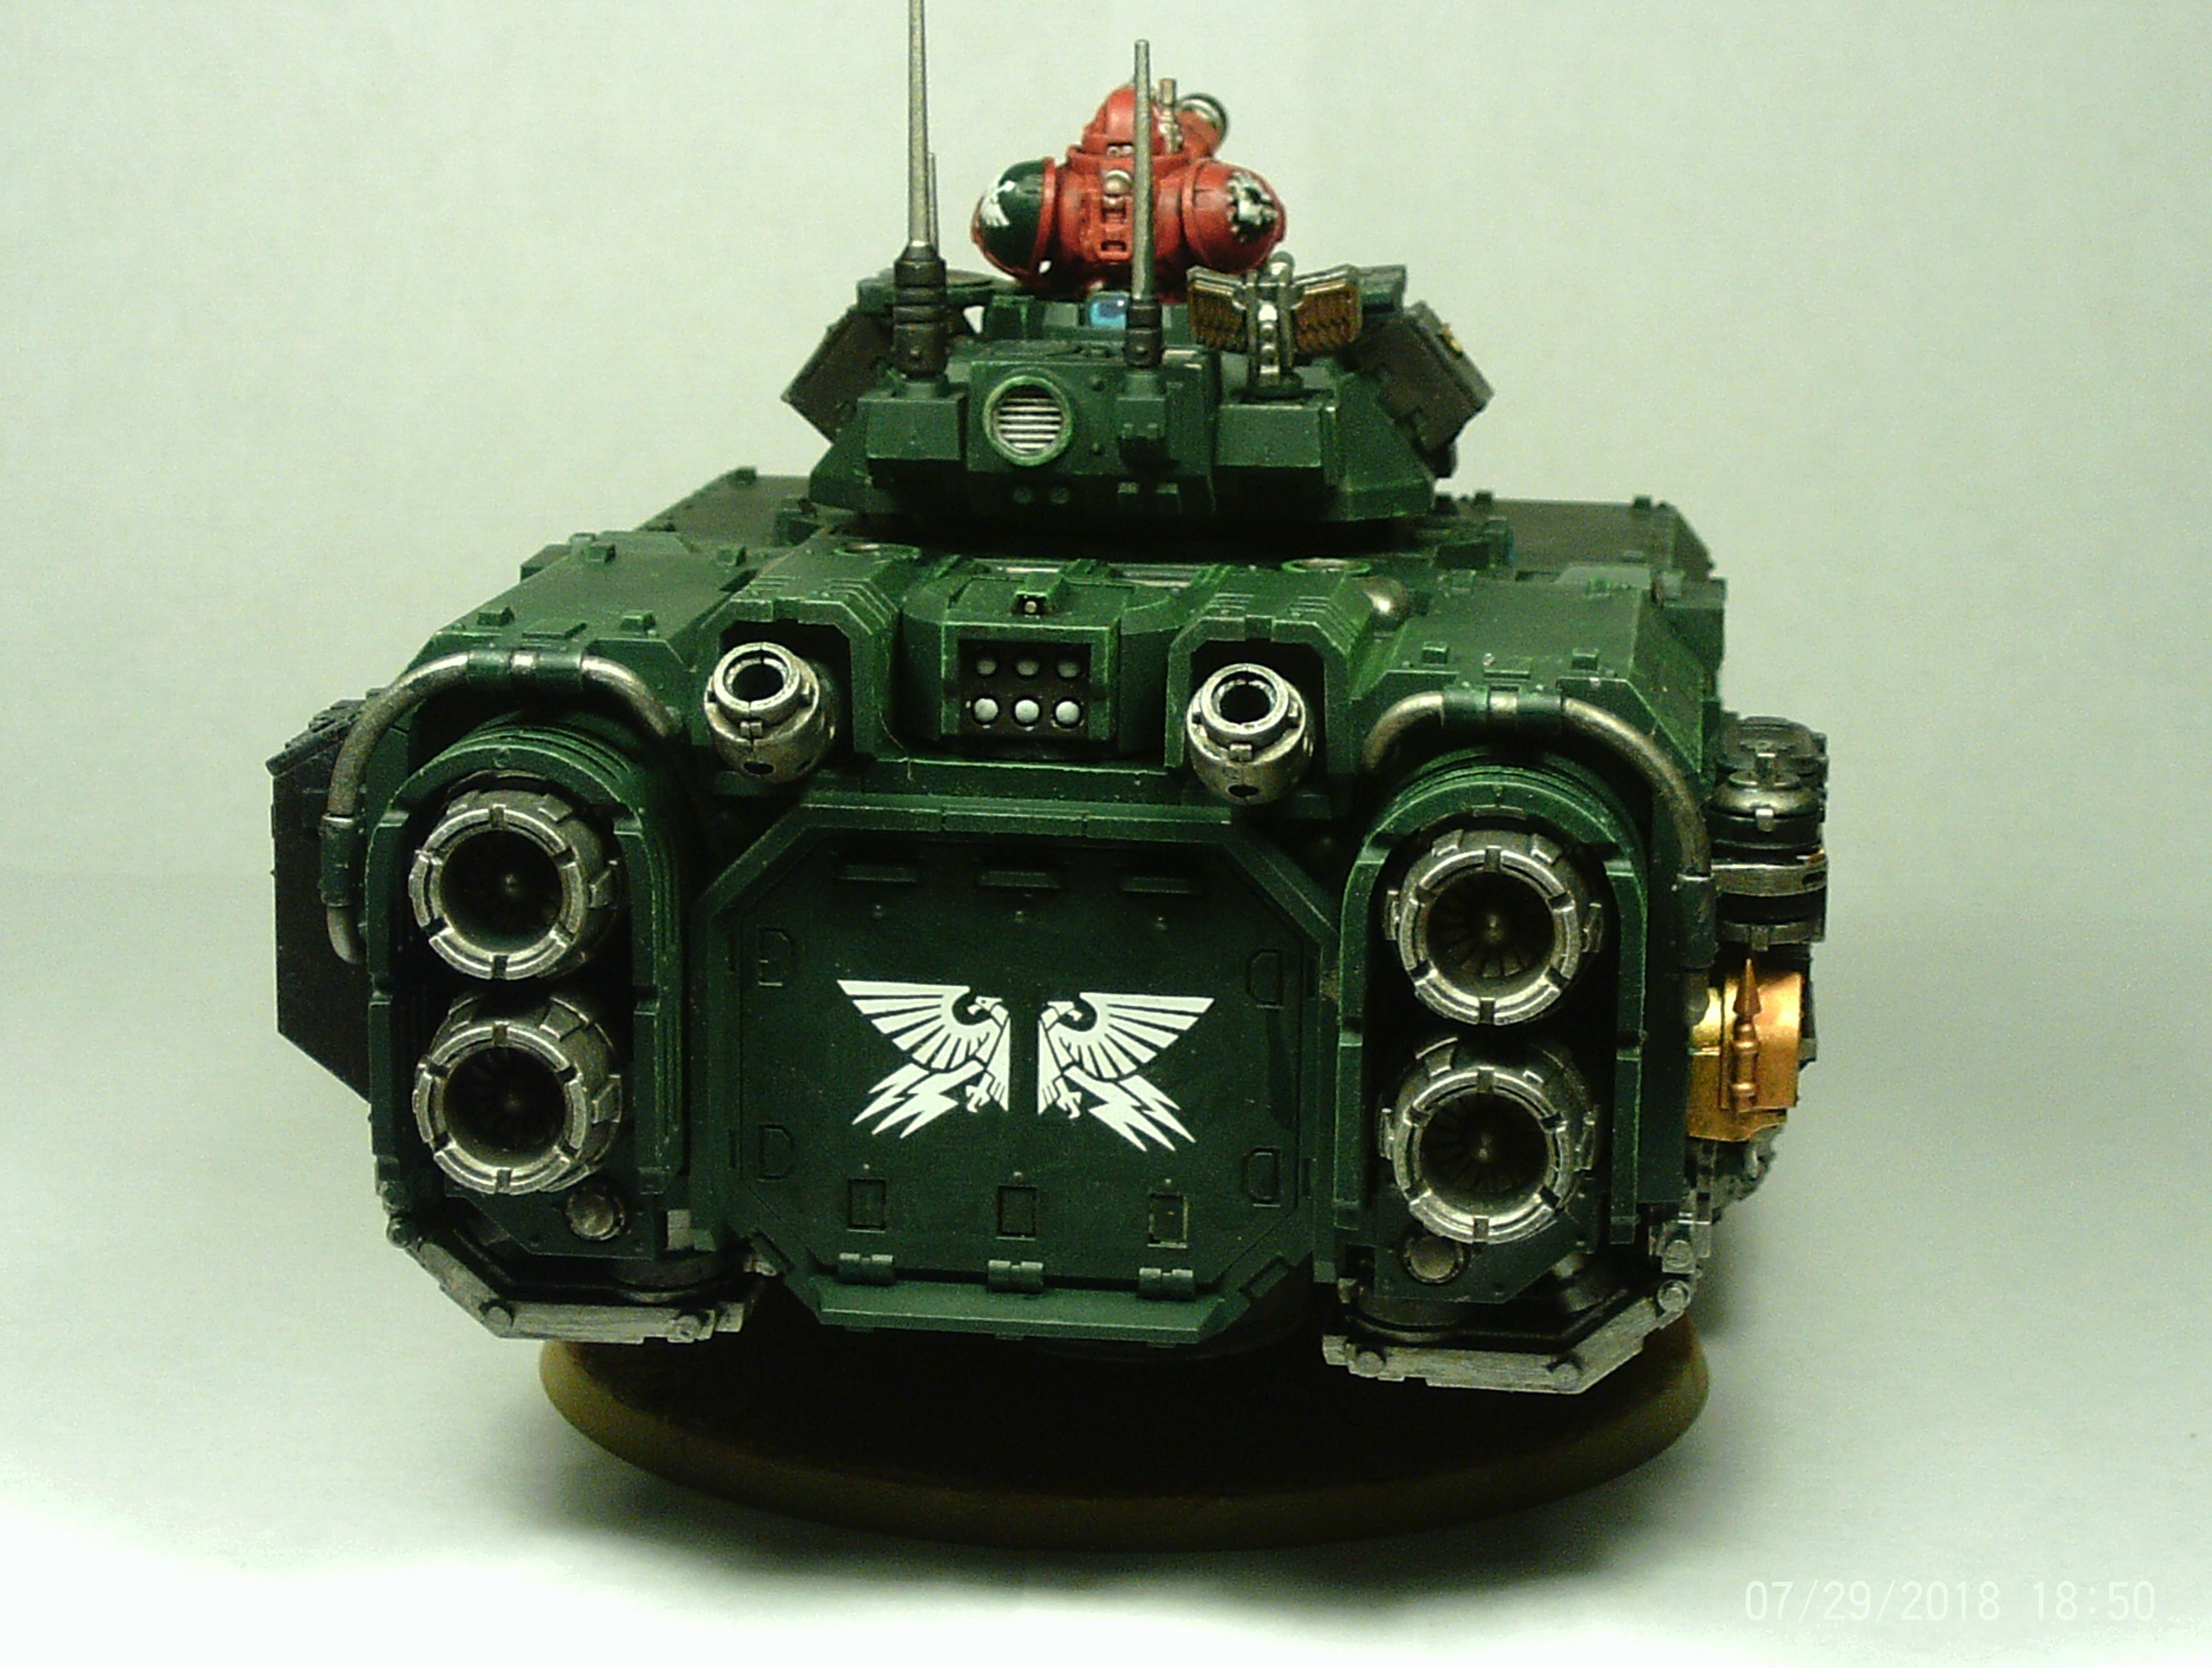 Angel, Box, Dark, Flying, Heavy, Metal, Primaris, Repulsor, Space, Space Marines, Tank, Transport